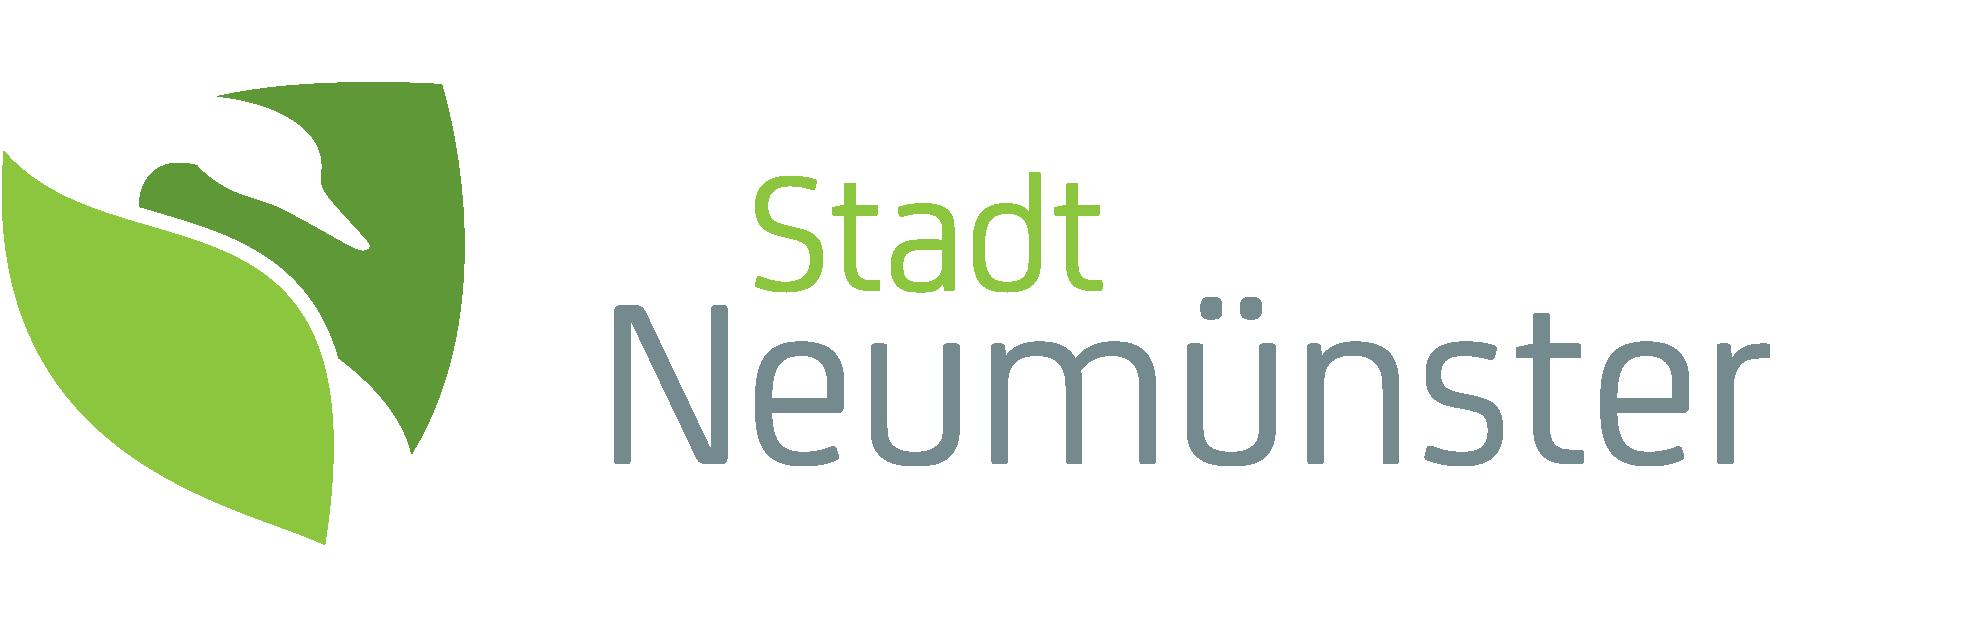 Stadt Neumünster Logo